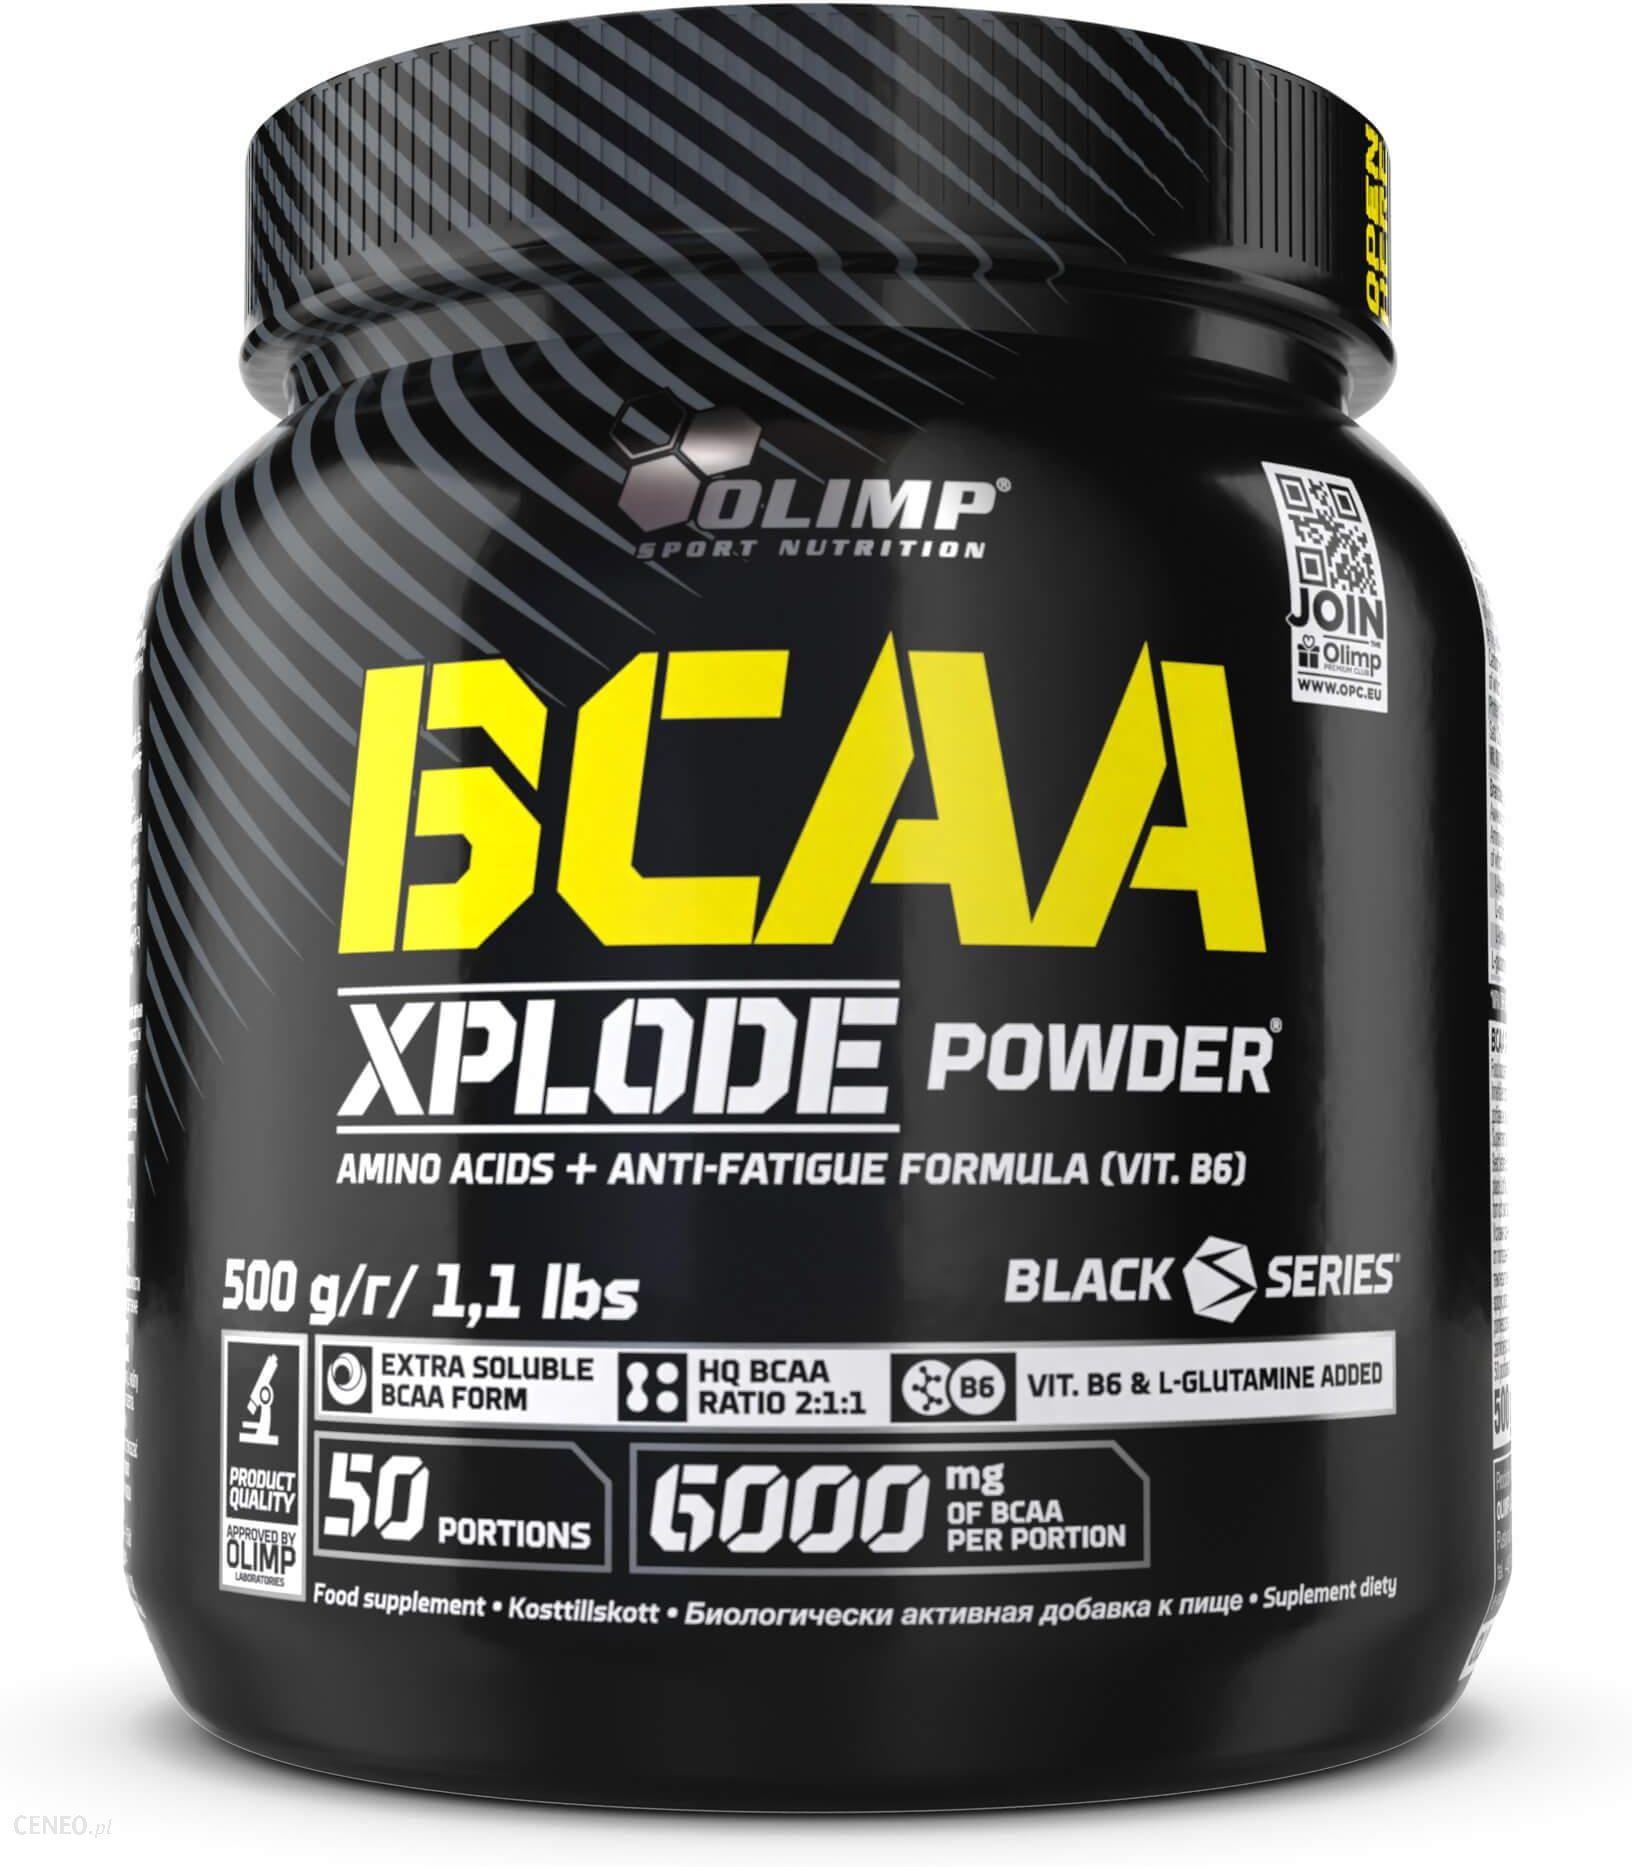 Aminokwasy Olimp Bcaa Xplode Powder 500G